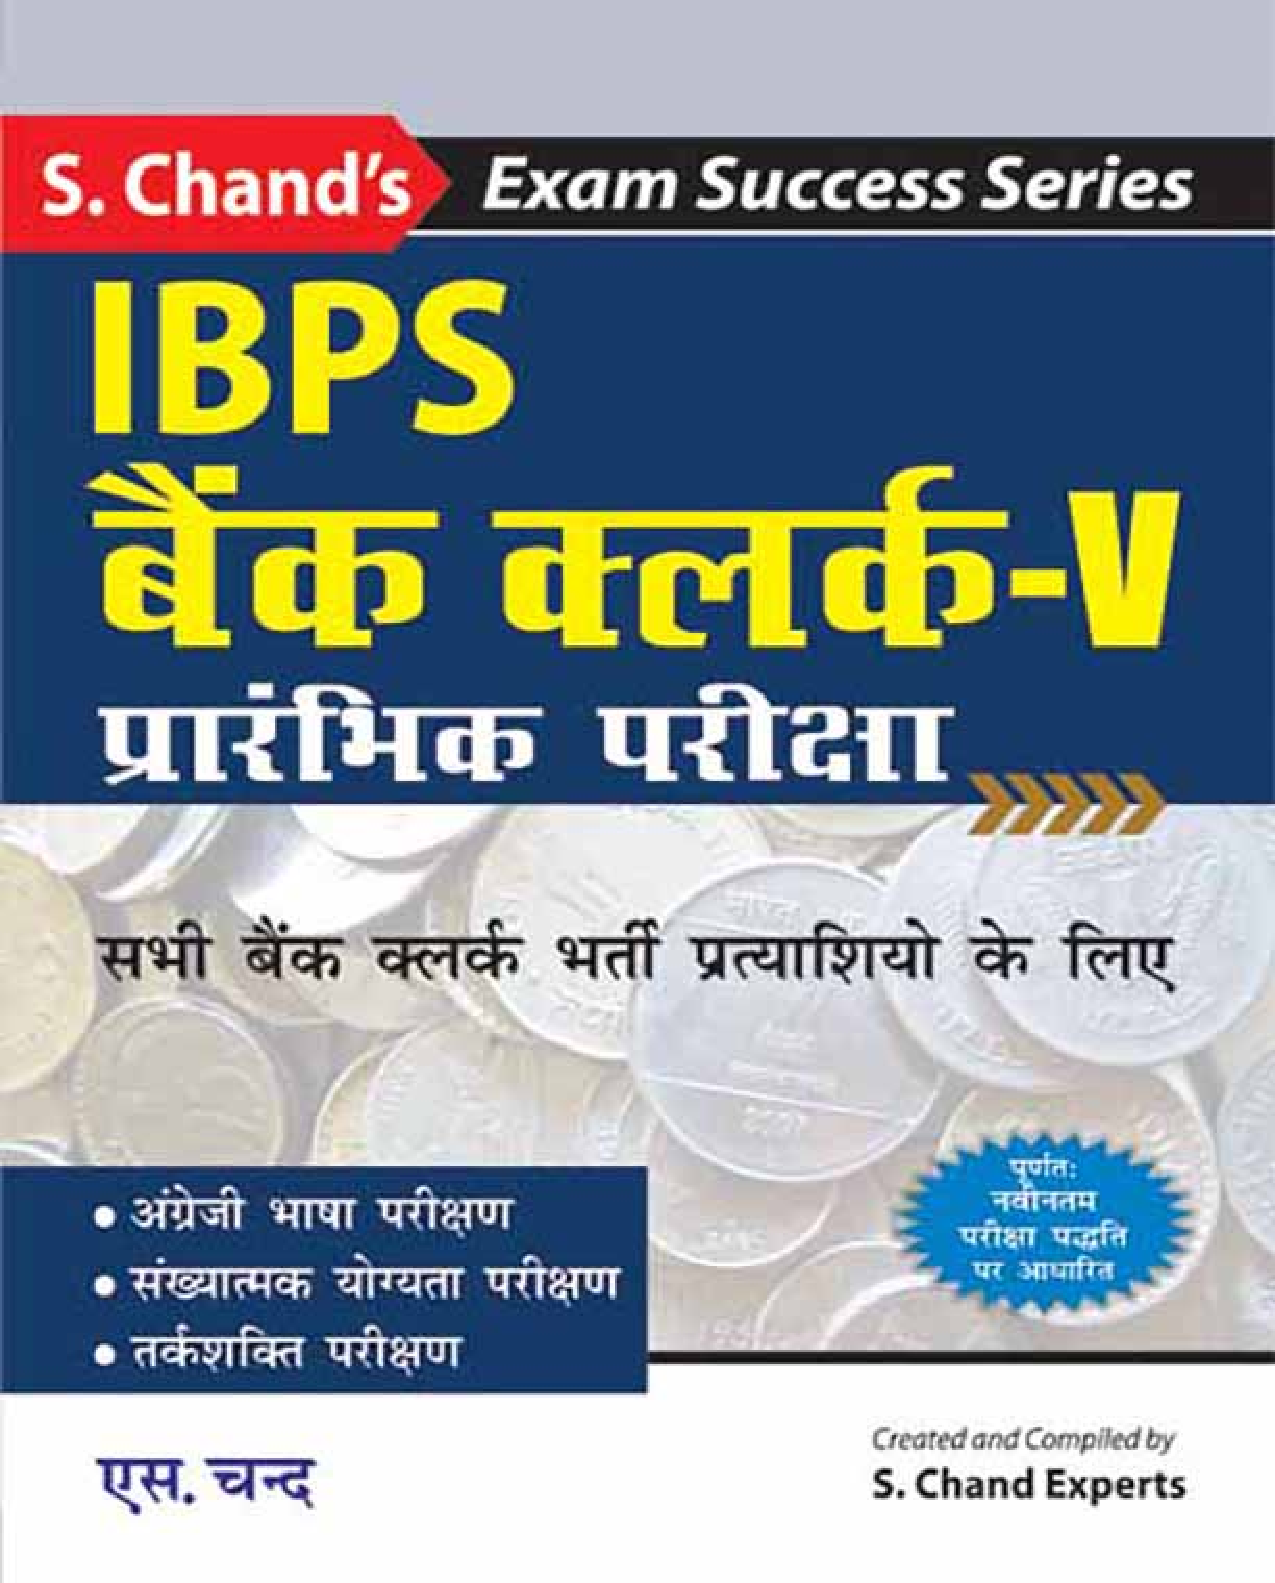 IBPS बैंक क्लर्क-V प्रारंभिक परीक्षा - Page 1